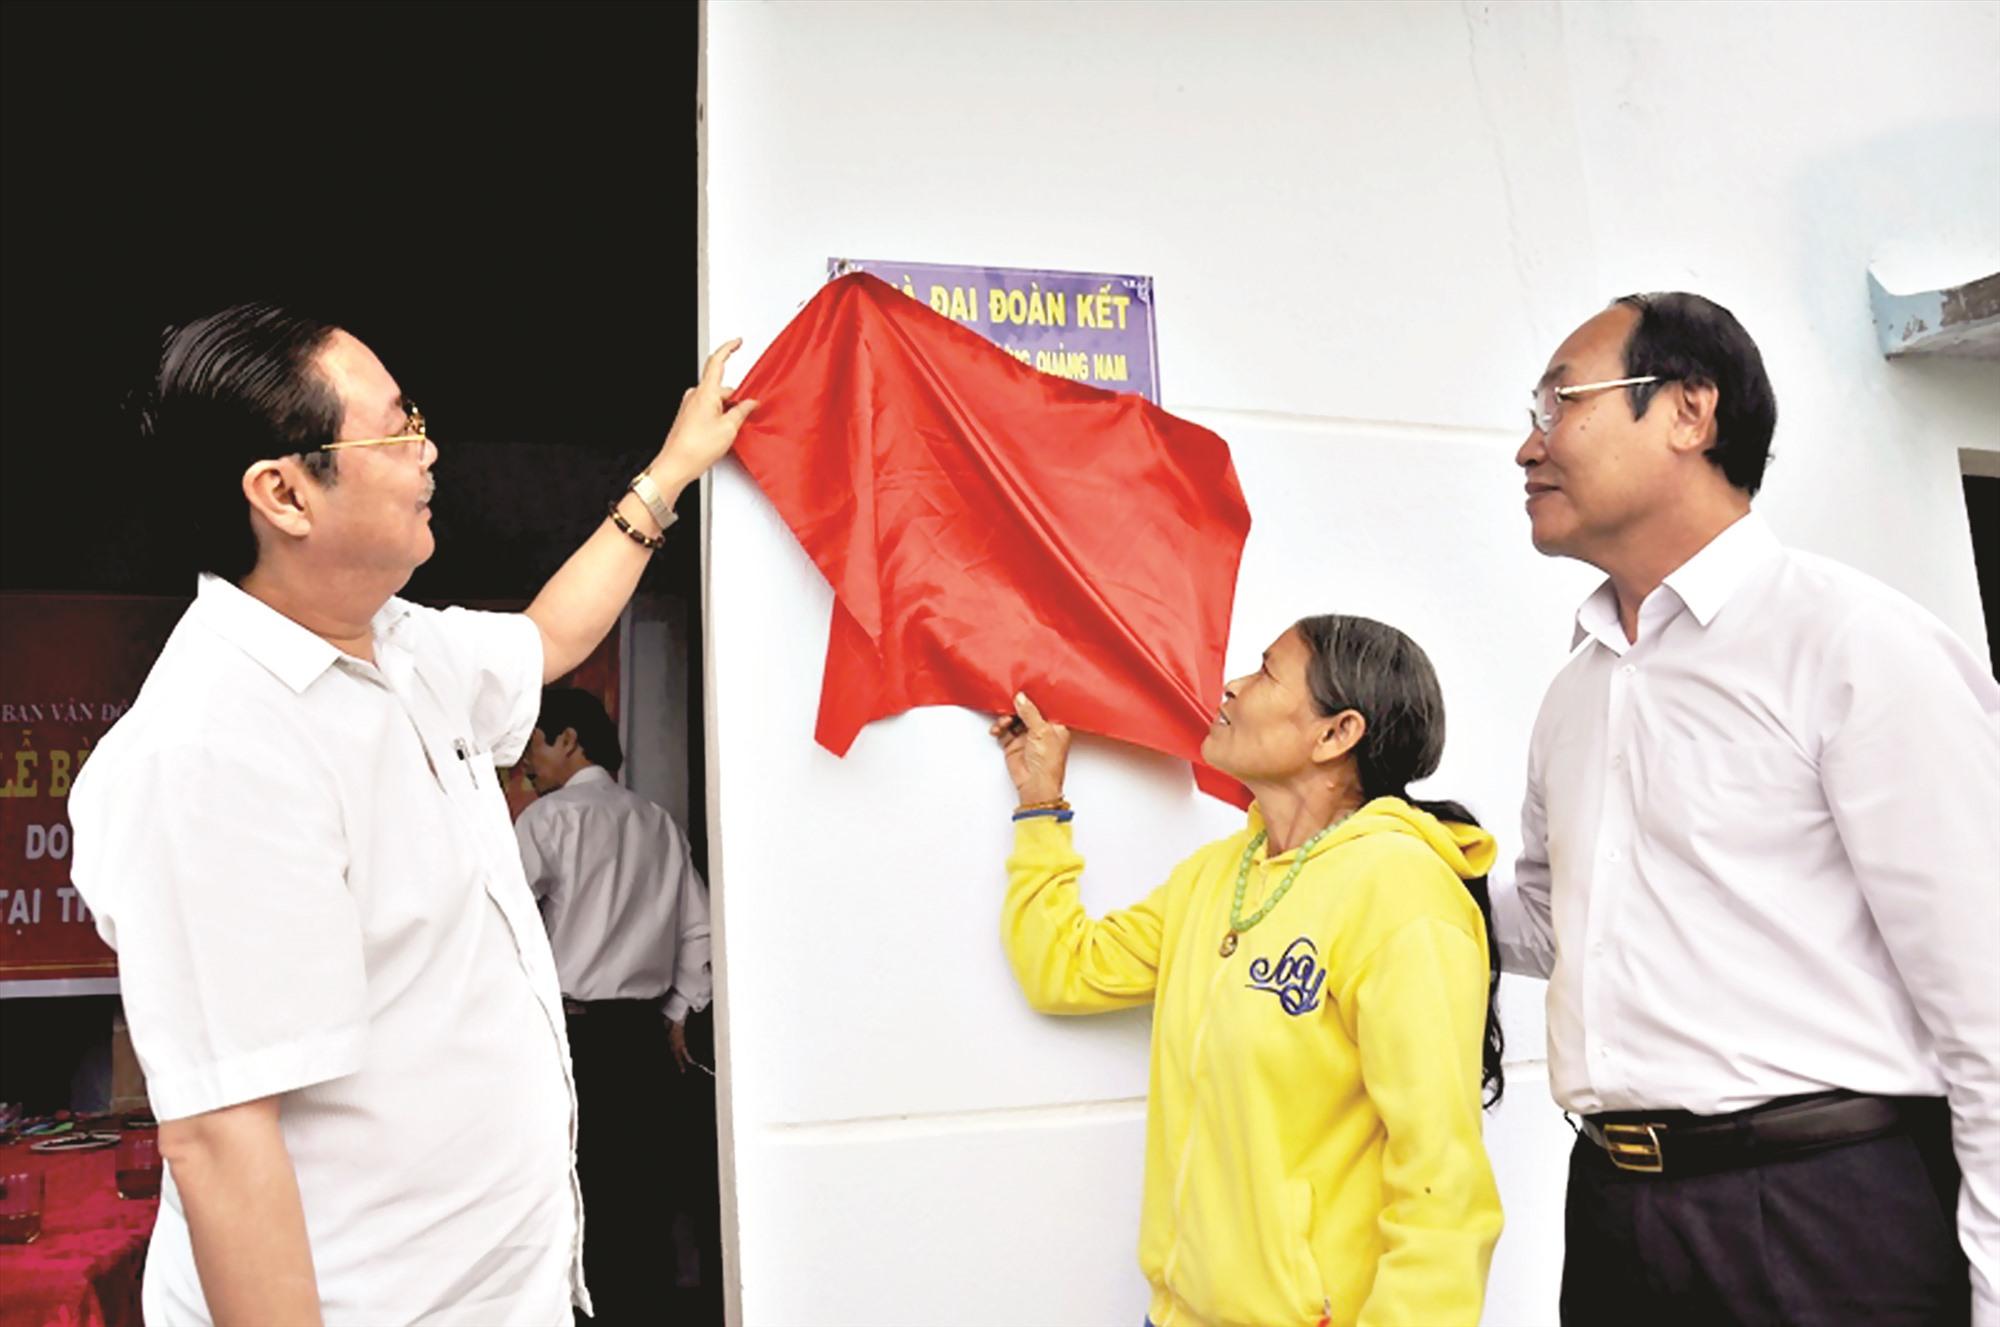 Ủy ban MTTQ Việt Nam tỉnh bàn giao nhà đại đoàn kết cho hộ nghèo. Ảnh: VINH ANH